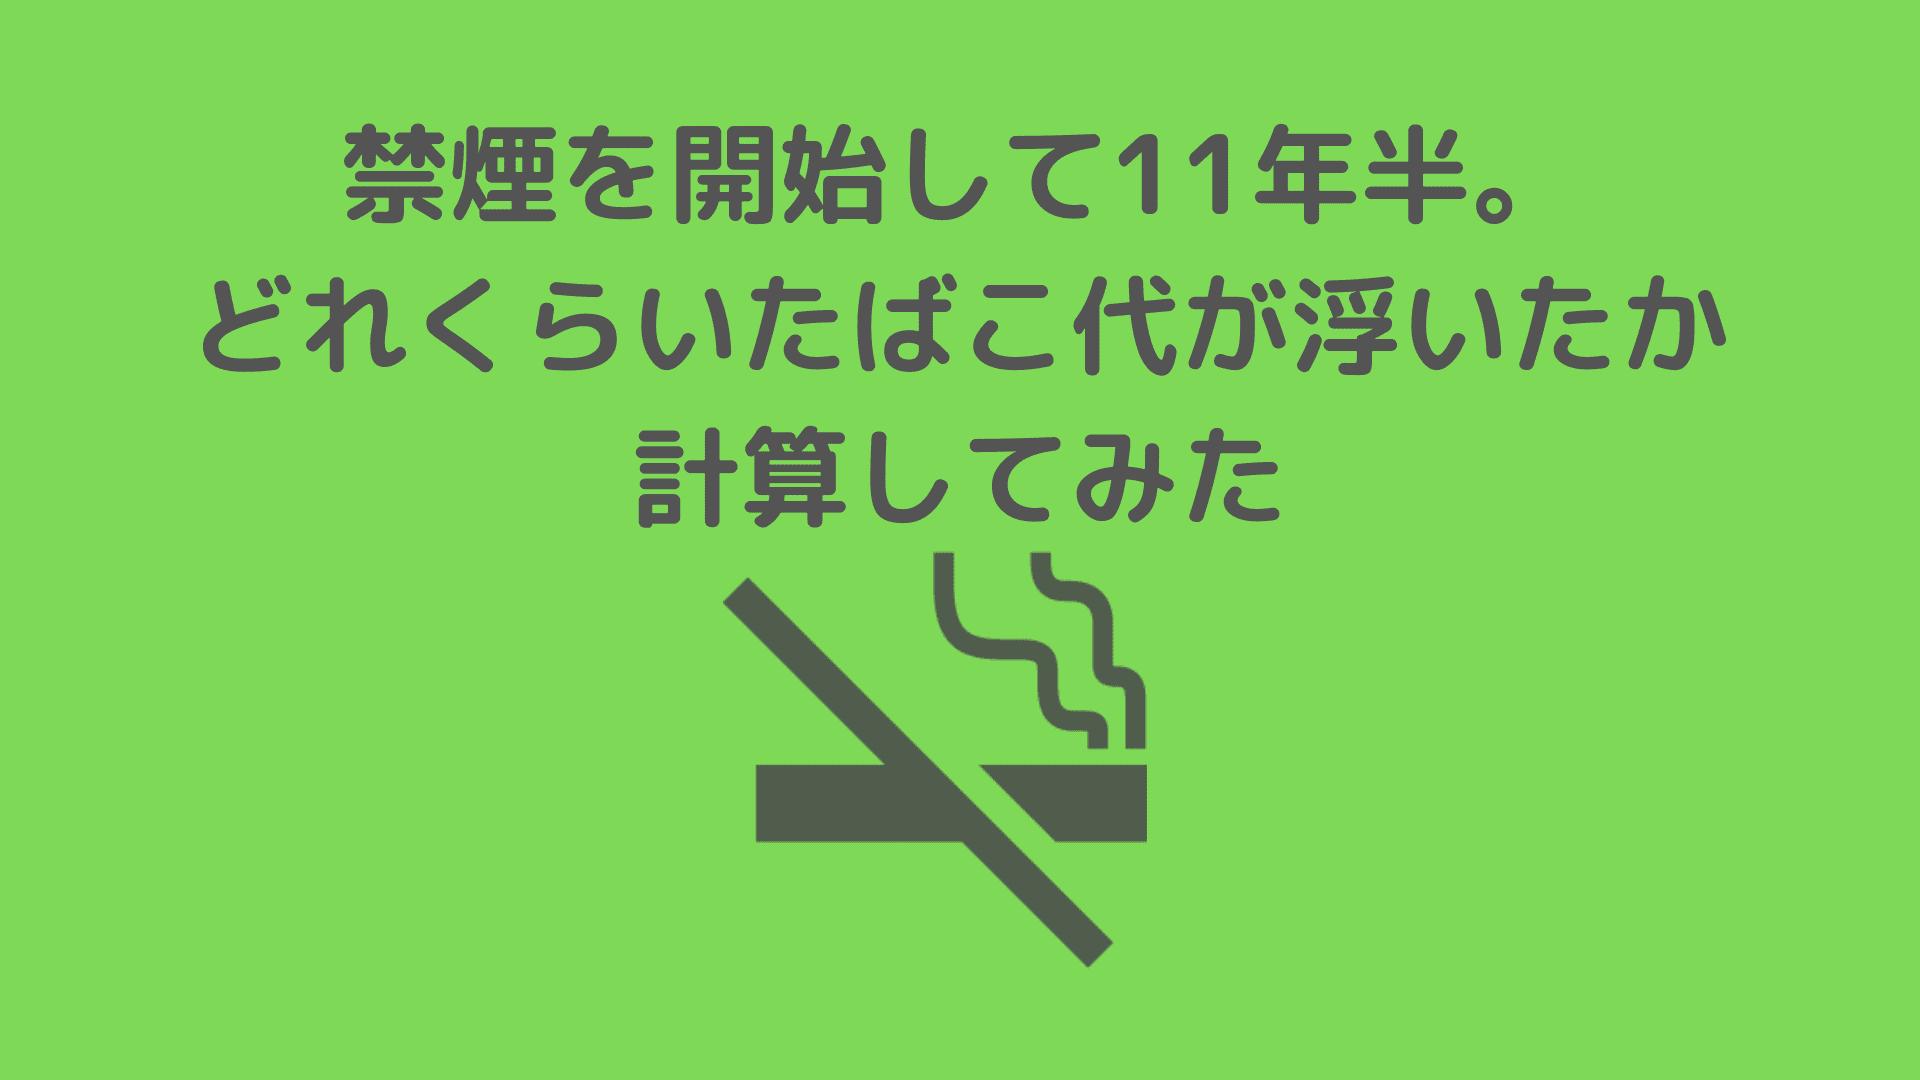 禁煙を開始して11年半。どれくらいたばこ代が浮いたか計算してみた